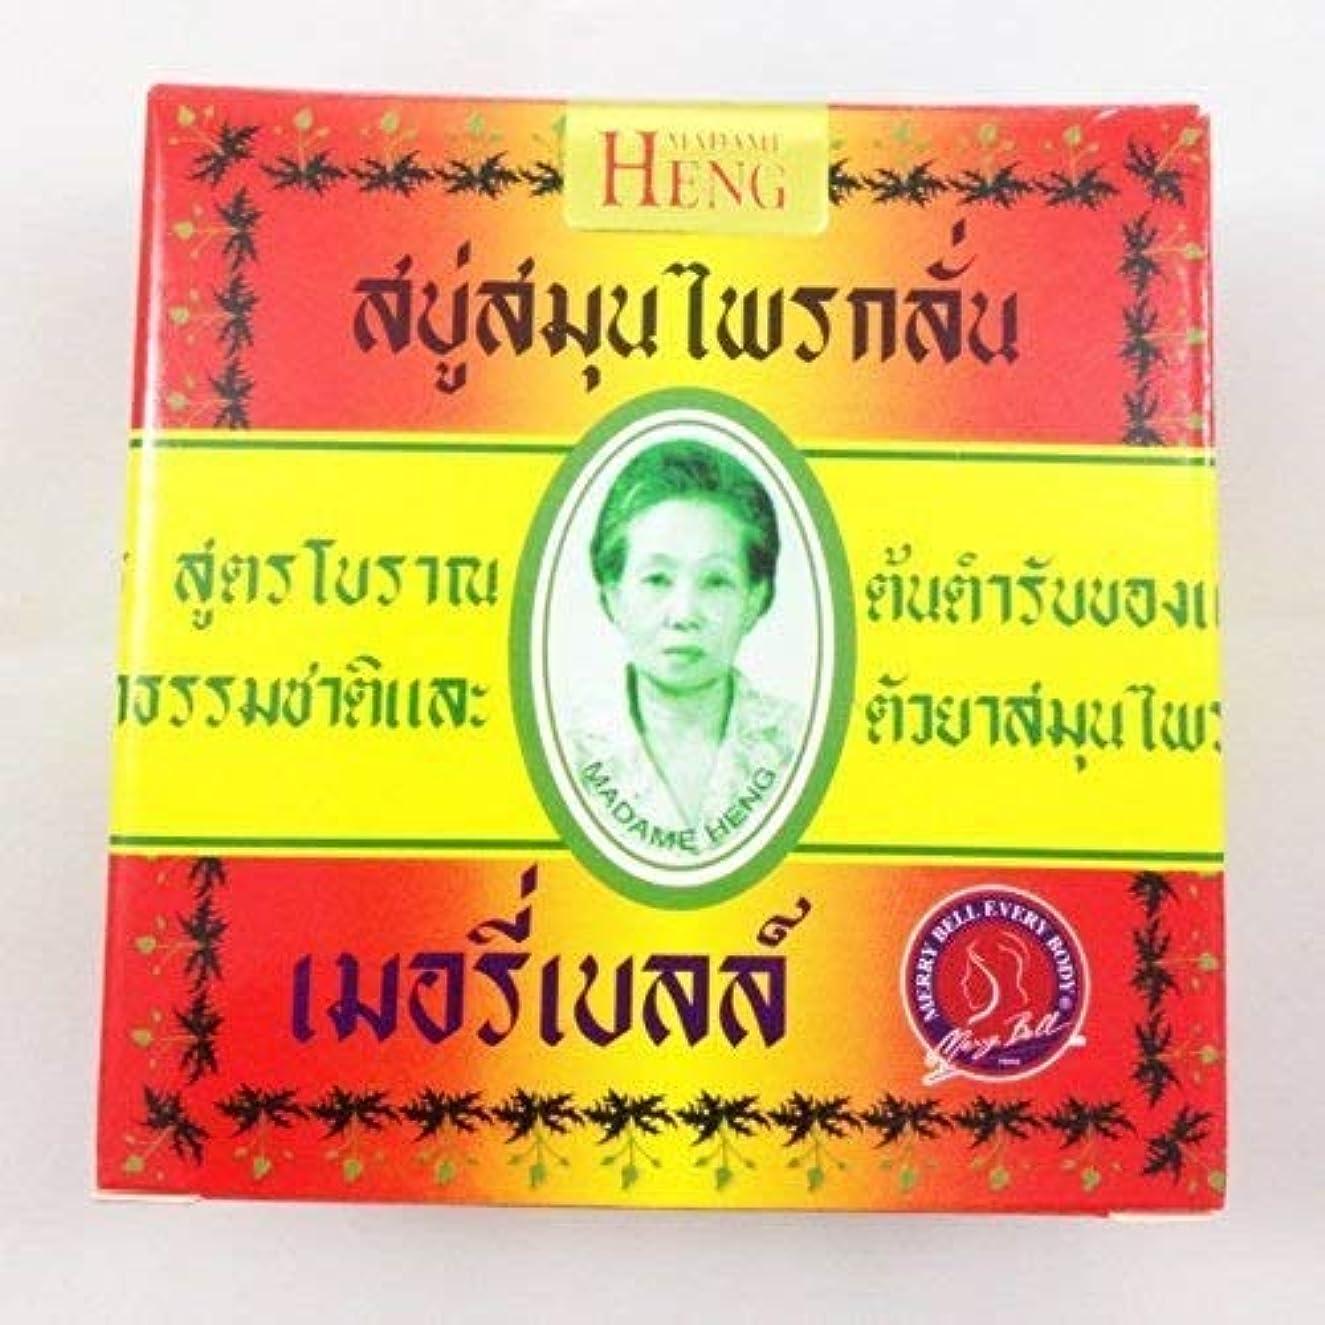 特別なゲームモナリザMadame Heng Thai Original Natural Herbal Soap Bar Made in Thailand 160gx2pcs by Ni Yom Thai shop